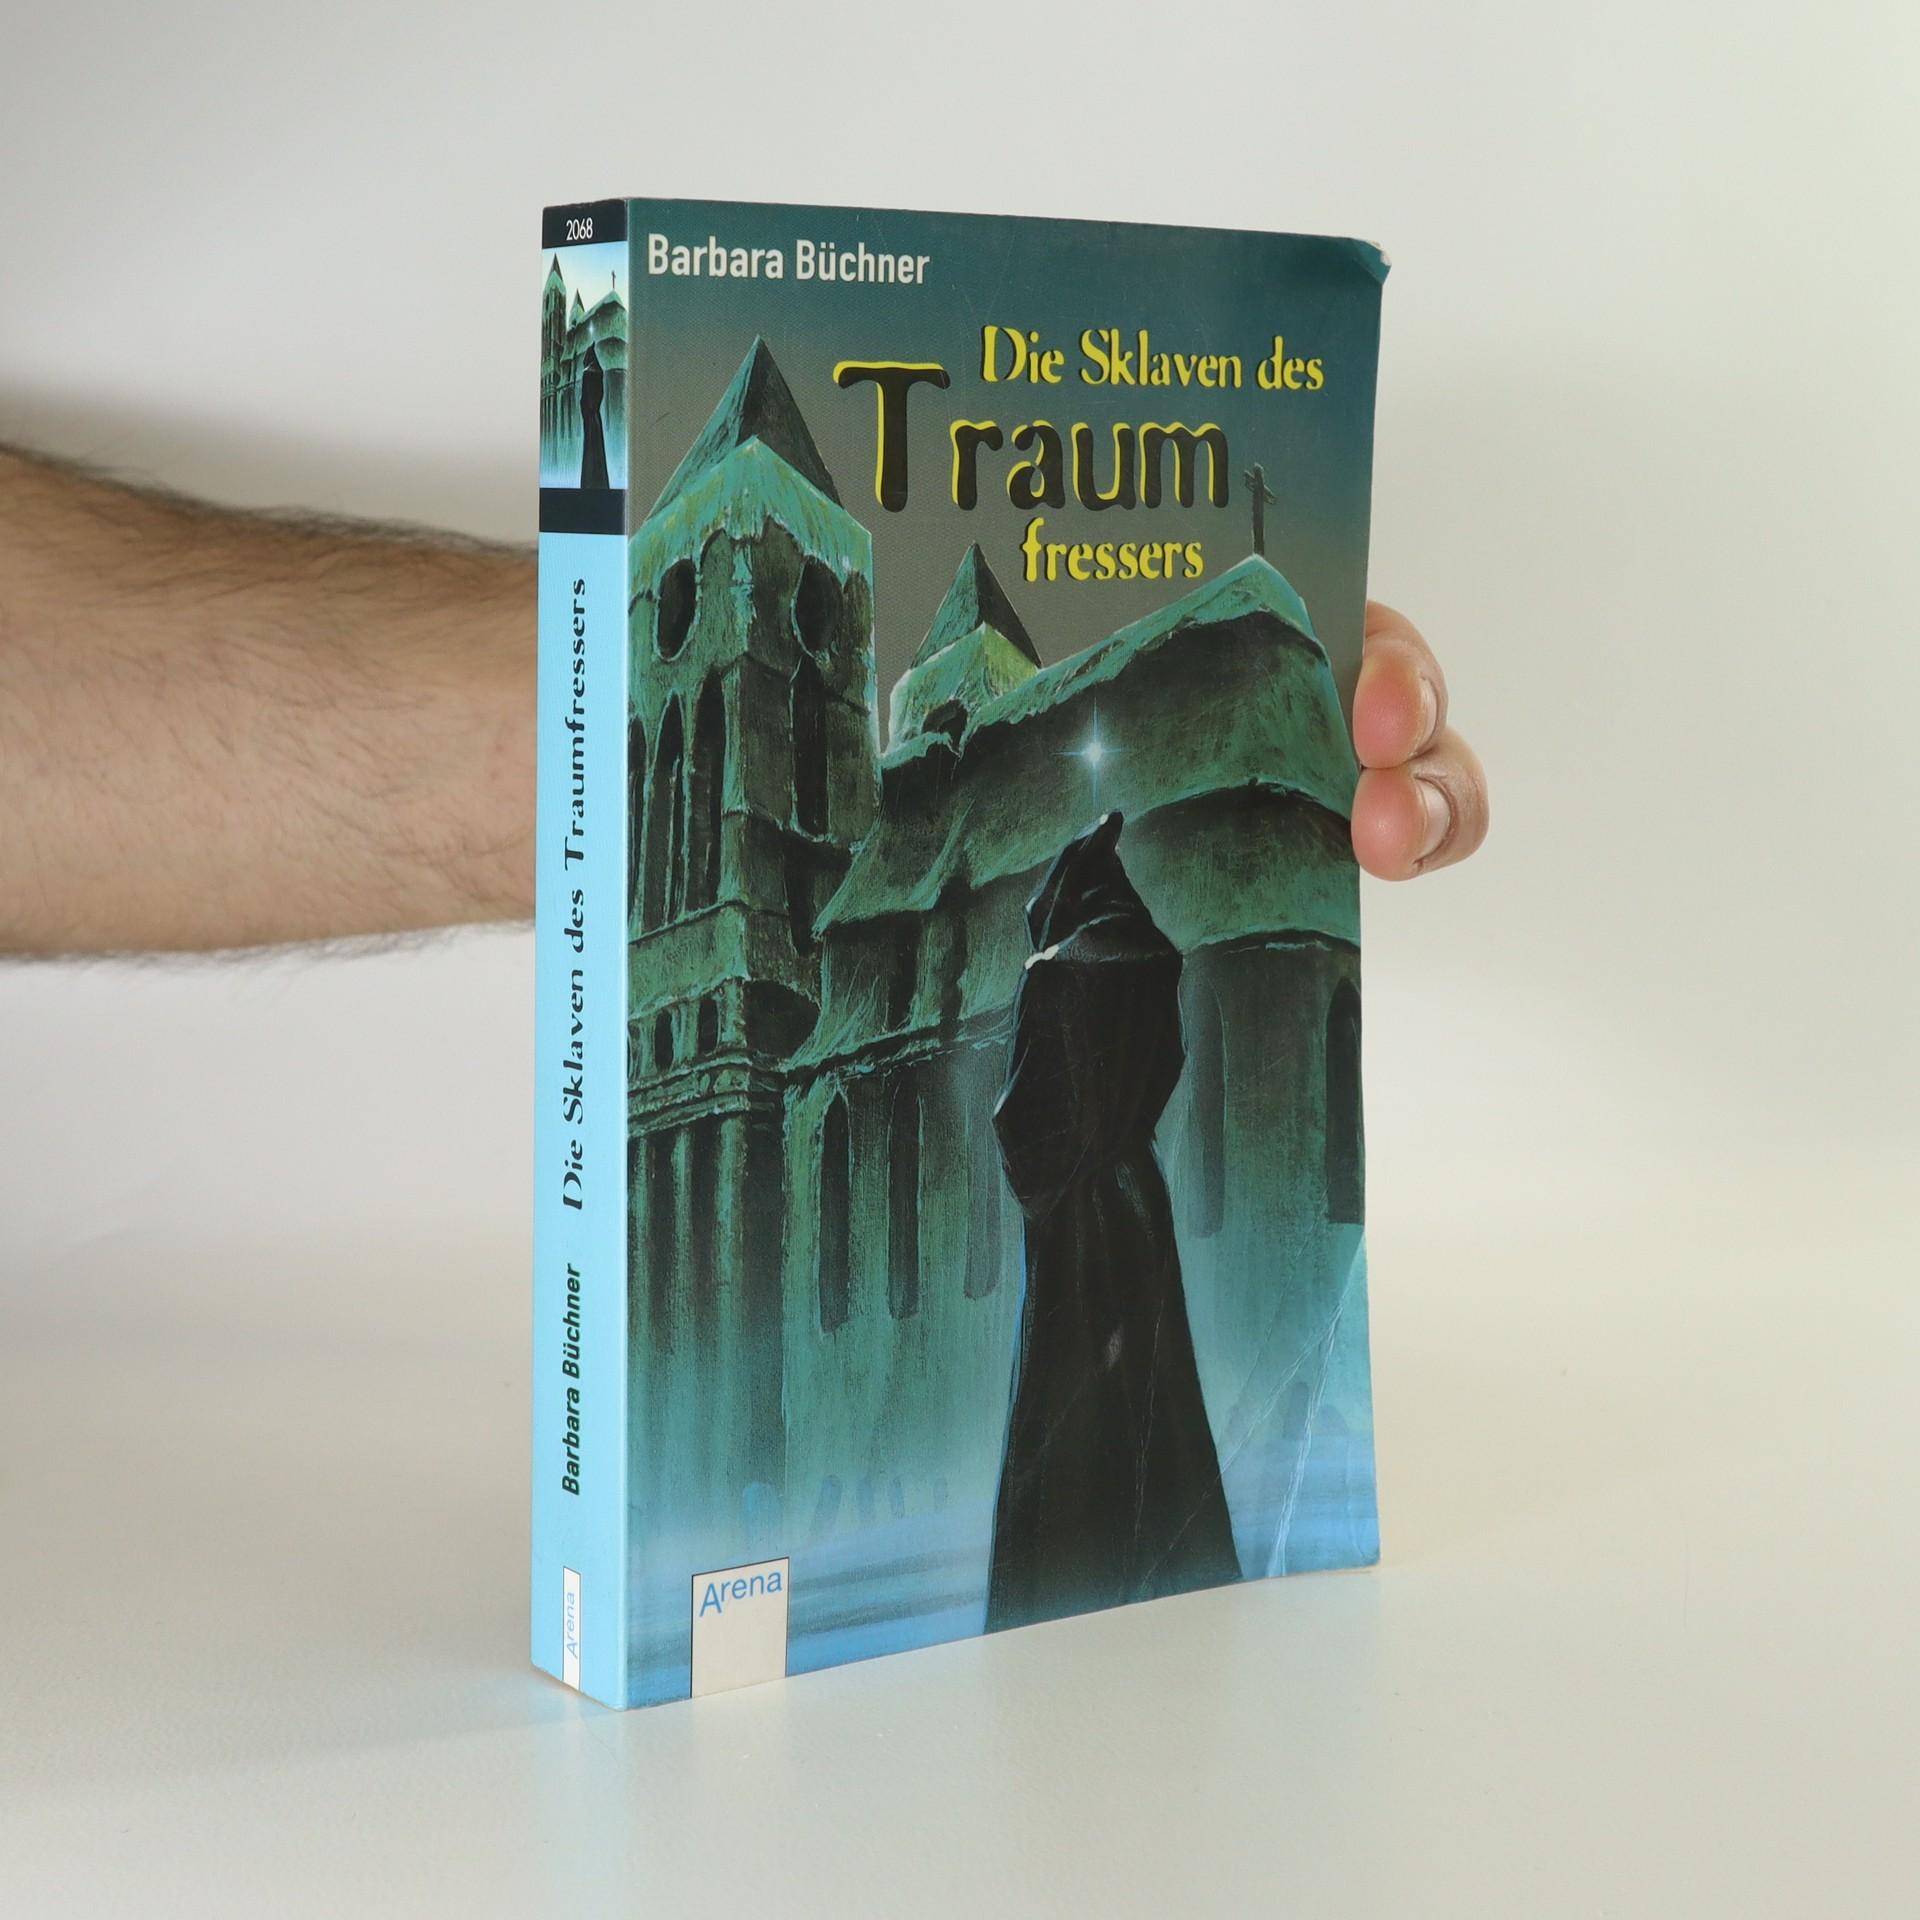 antikvární kniha Die Sklaven des Traum fressers, 2001